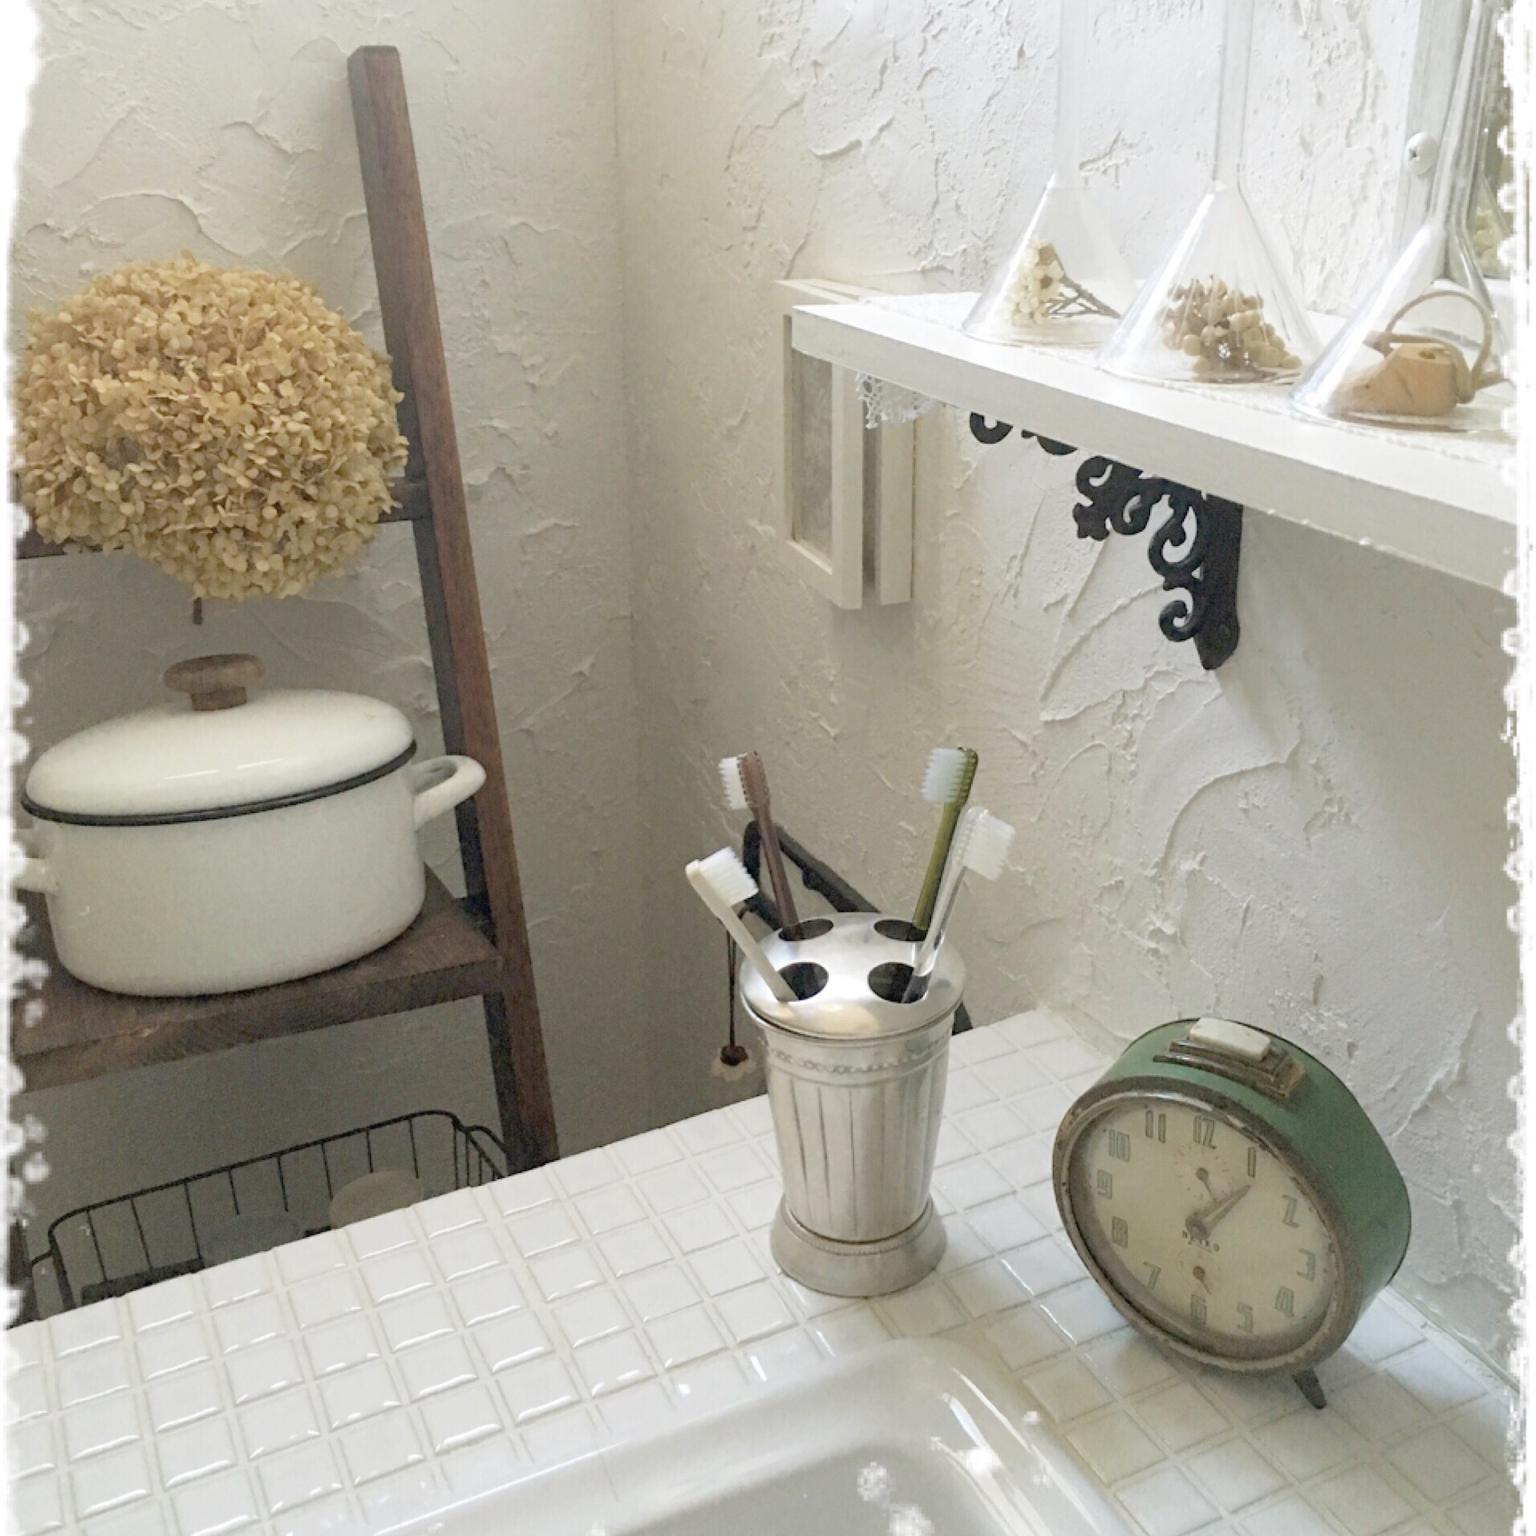 歯磨きタイムが楽しくなる♡魅せる歯ブラシ収納@洗面所